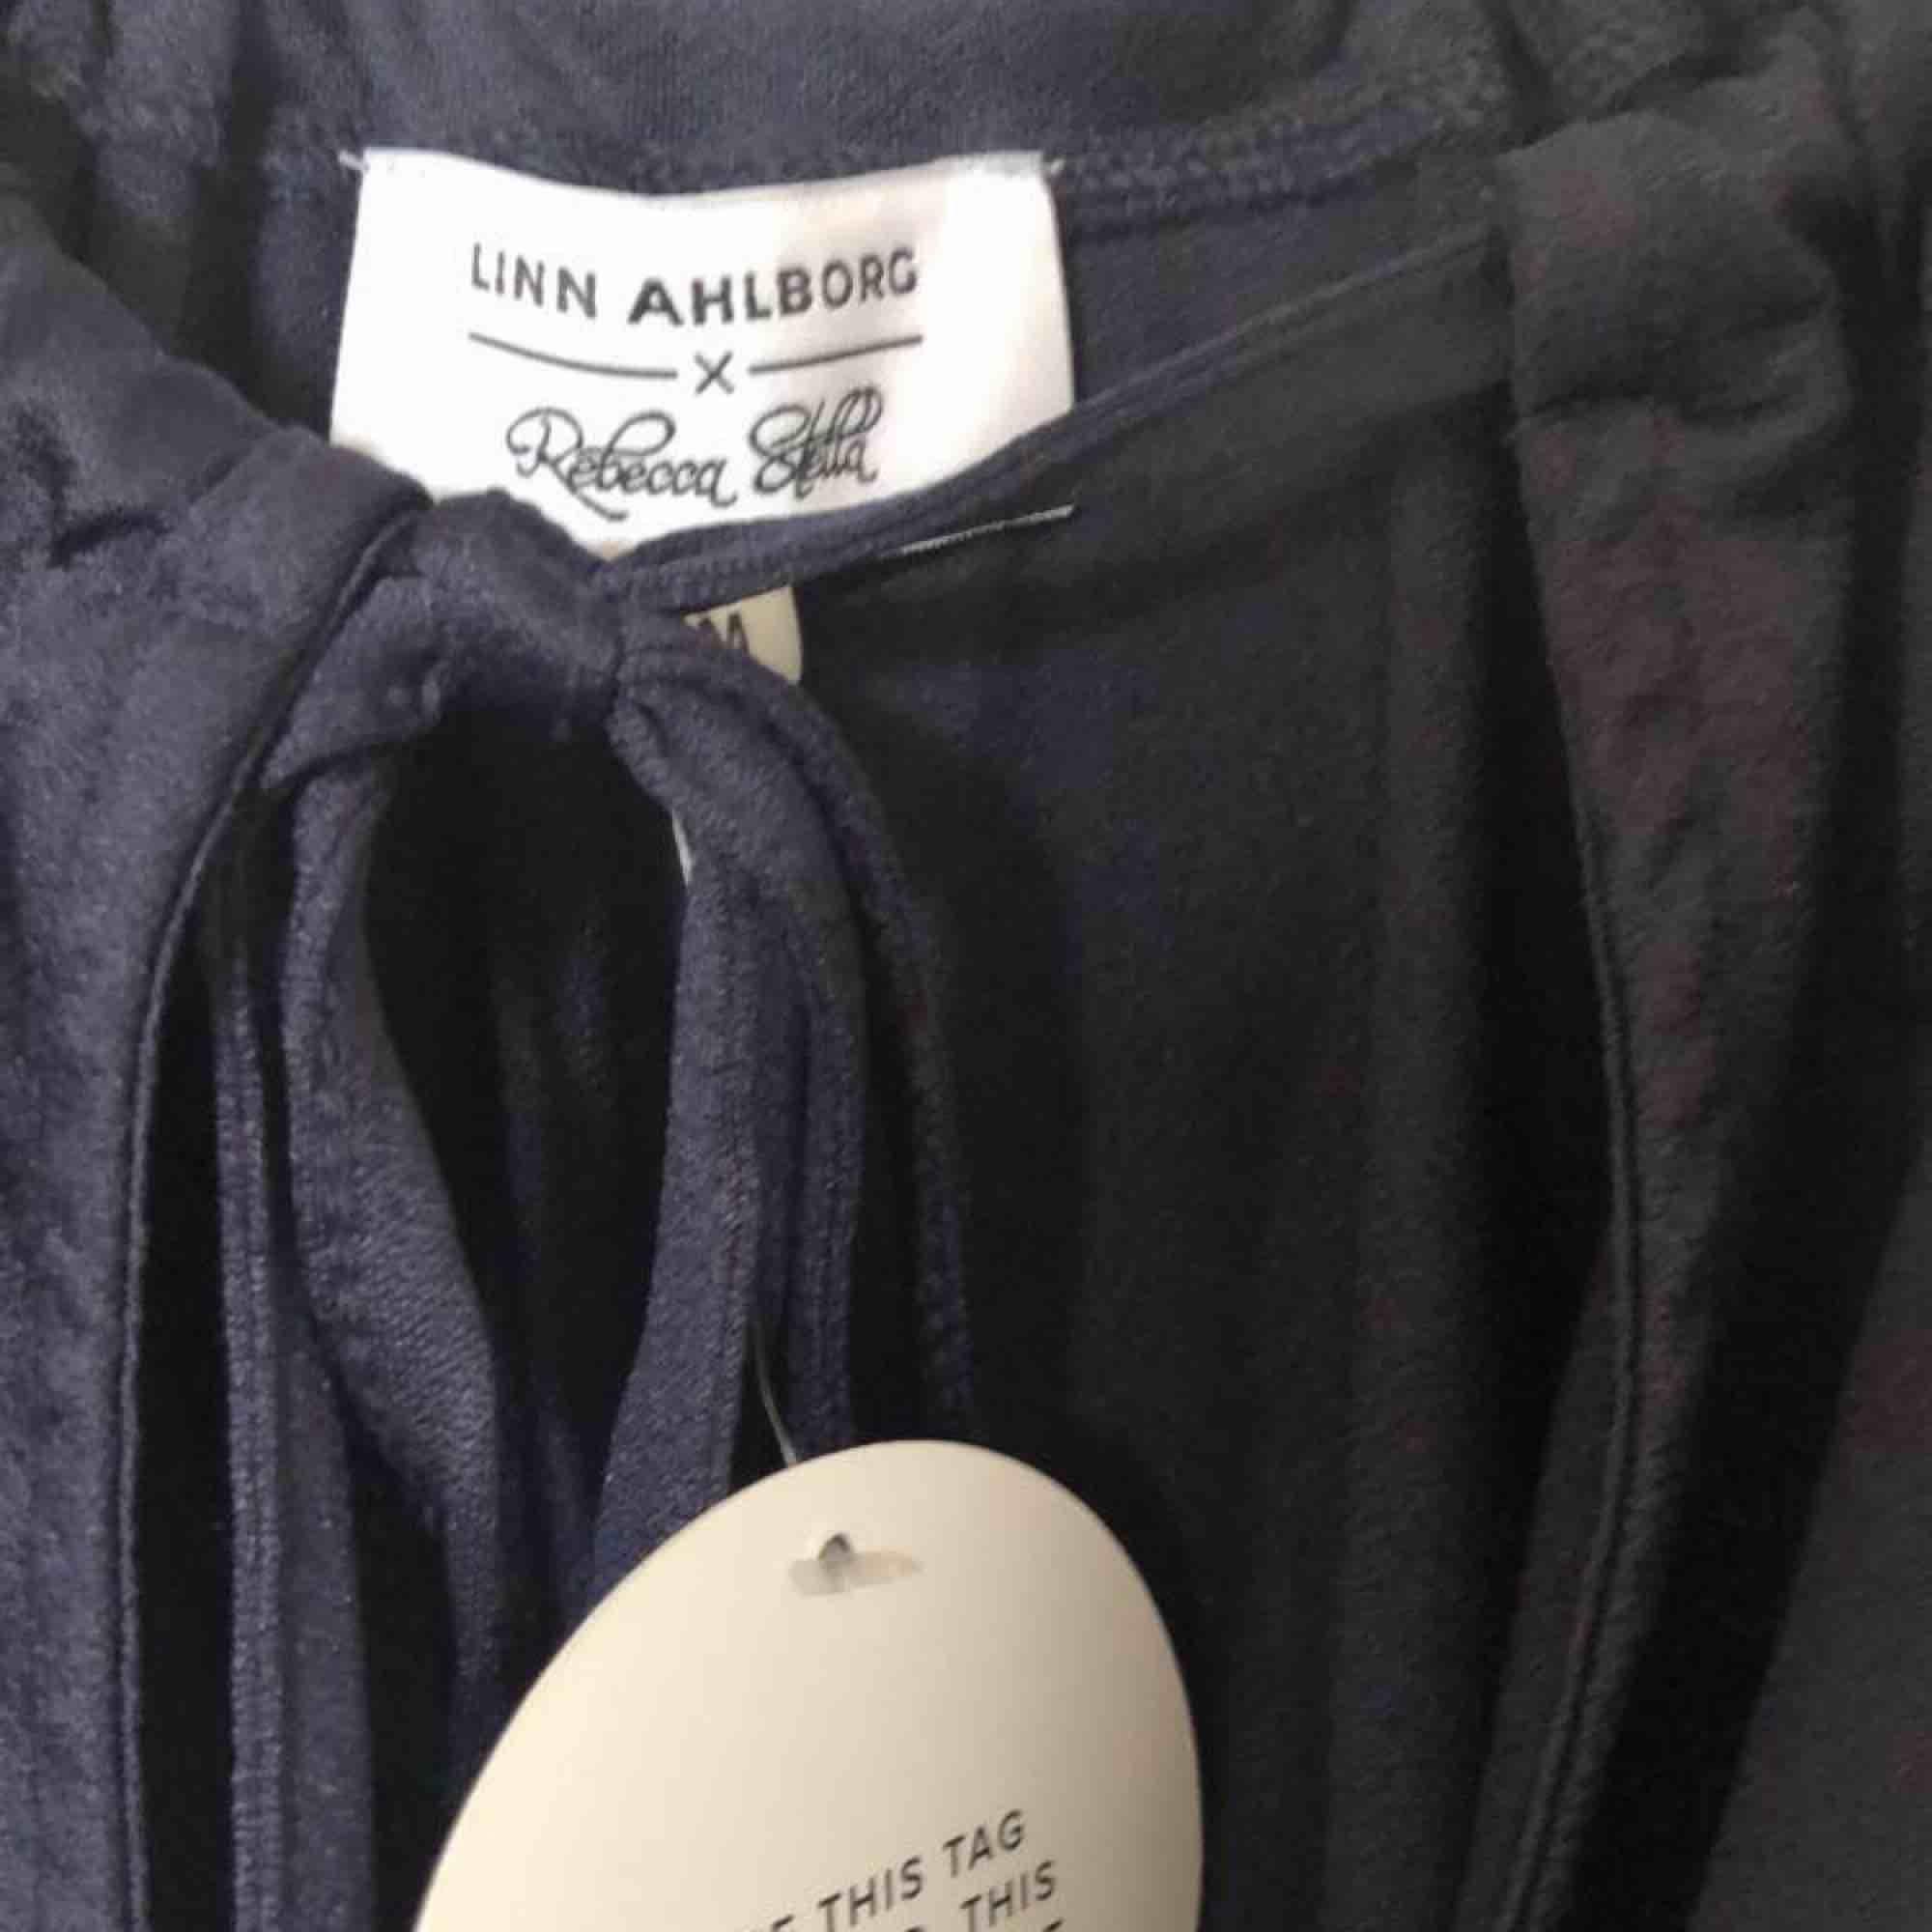 En helt ny supersnygg klänning från Linn Ahlborgs kollektionen med Rebecka Stella, pris går att diskutera, för mer info och bilder kontakta mig!💞 i köpt för 499 kr. Klänningar.